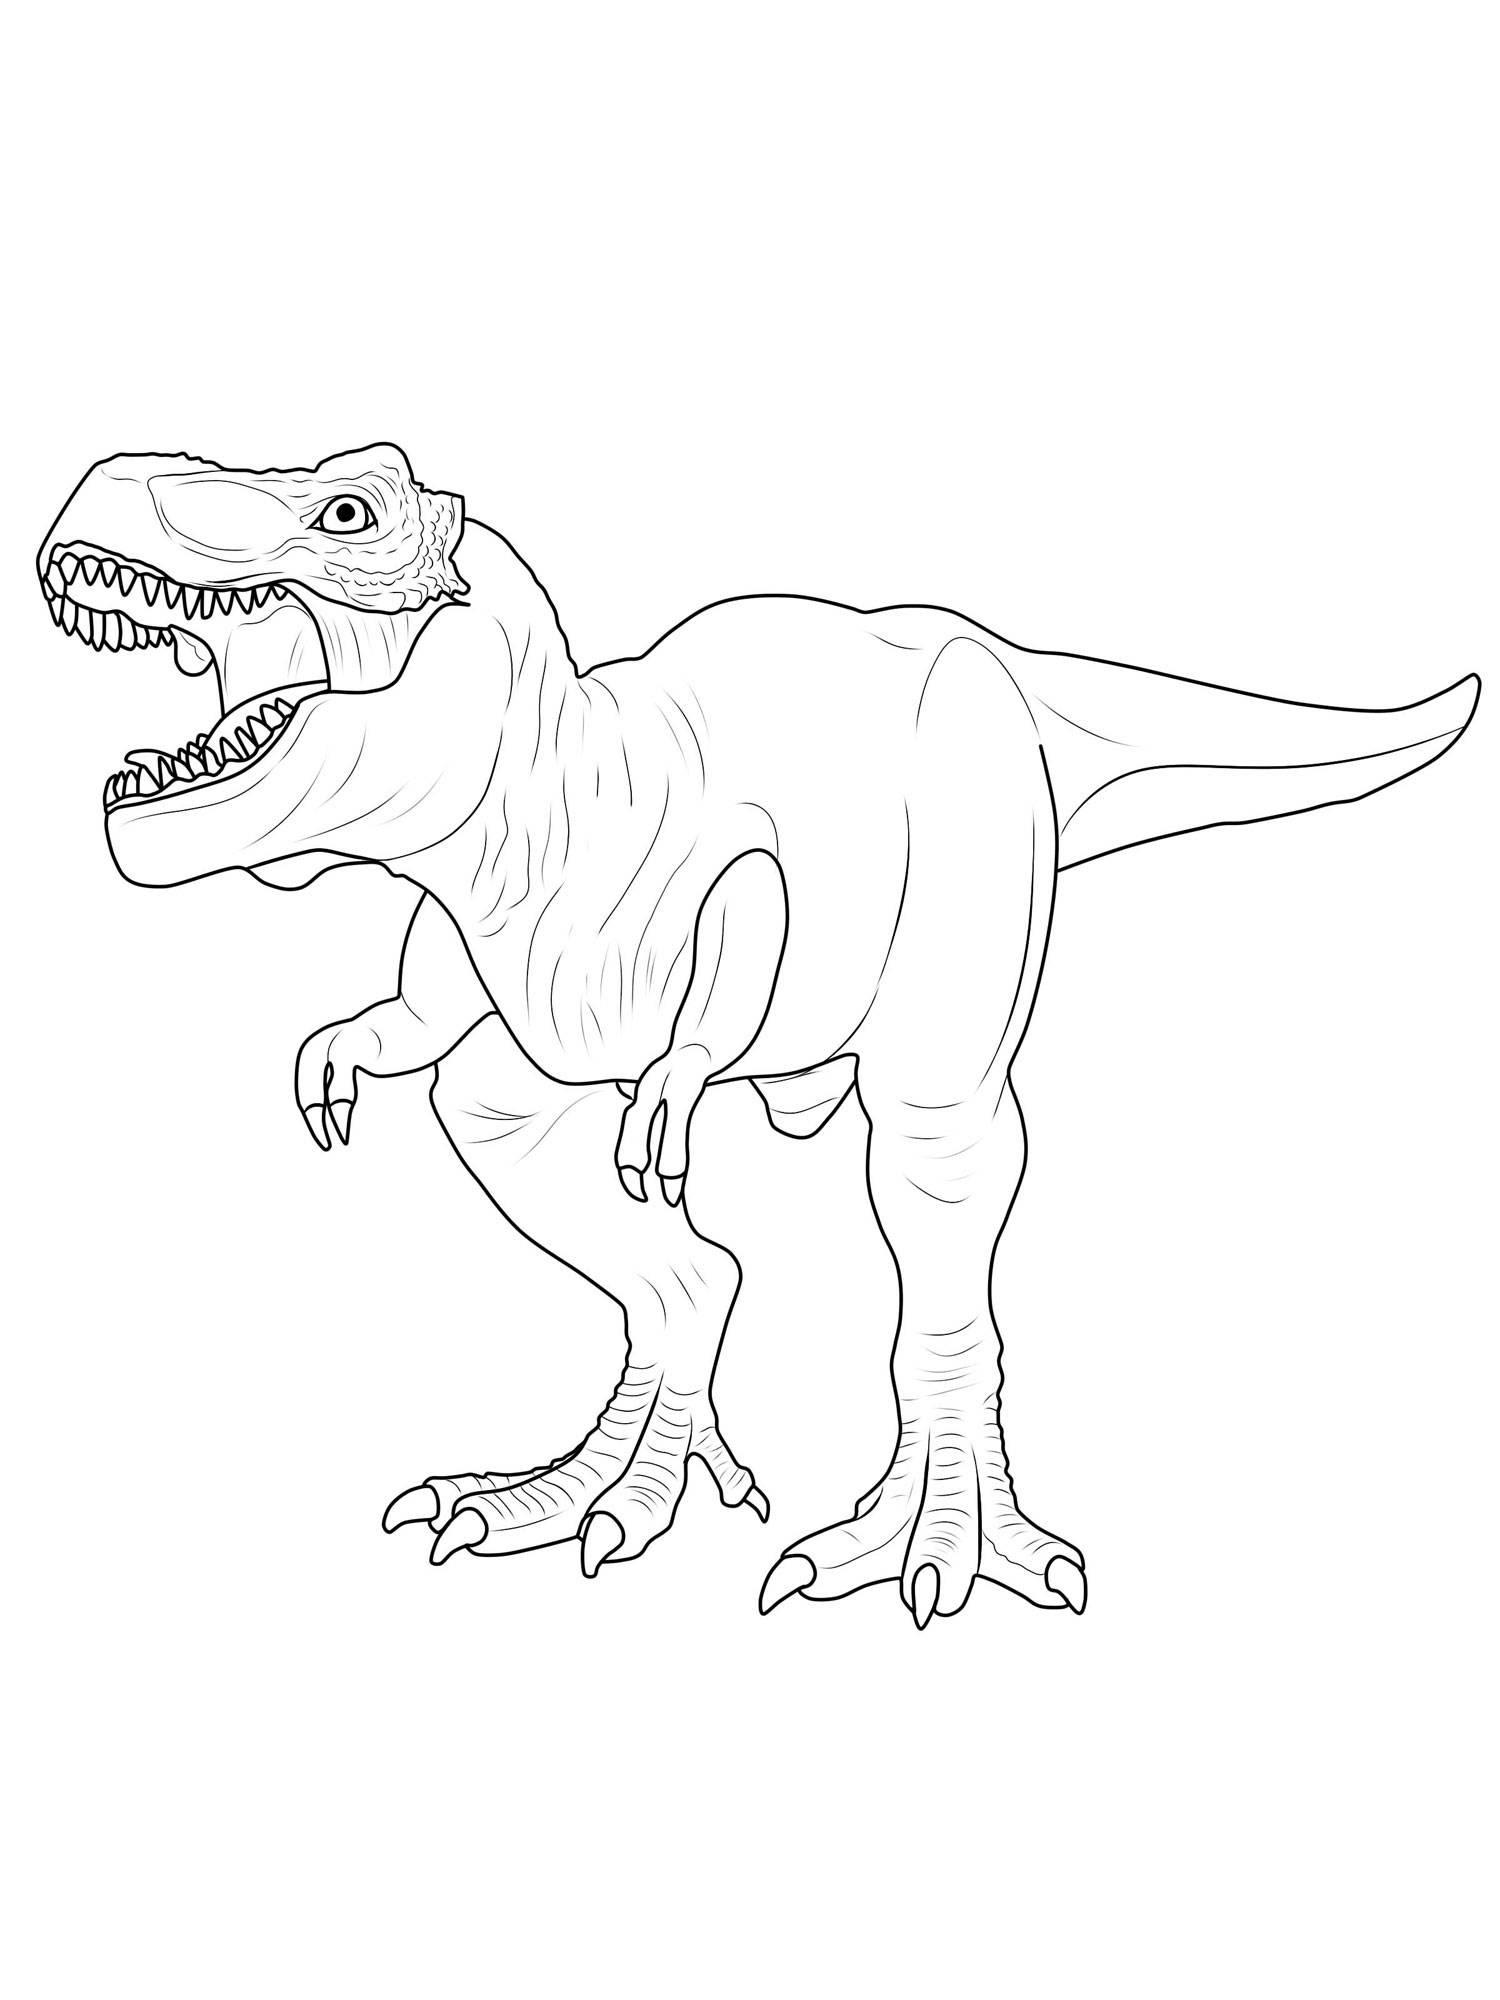 Ausmalbild Dinosaurier und Steinzeit Dinosaurier ausmalen Tyrannosaurus Rex kostenlos ausdrucken